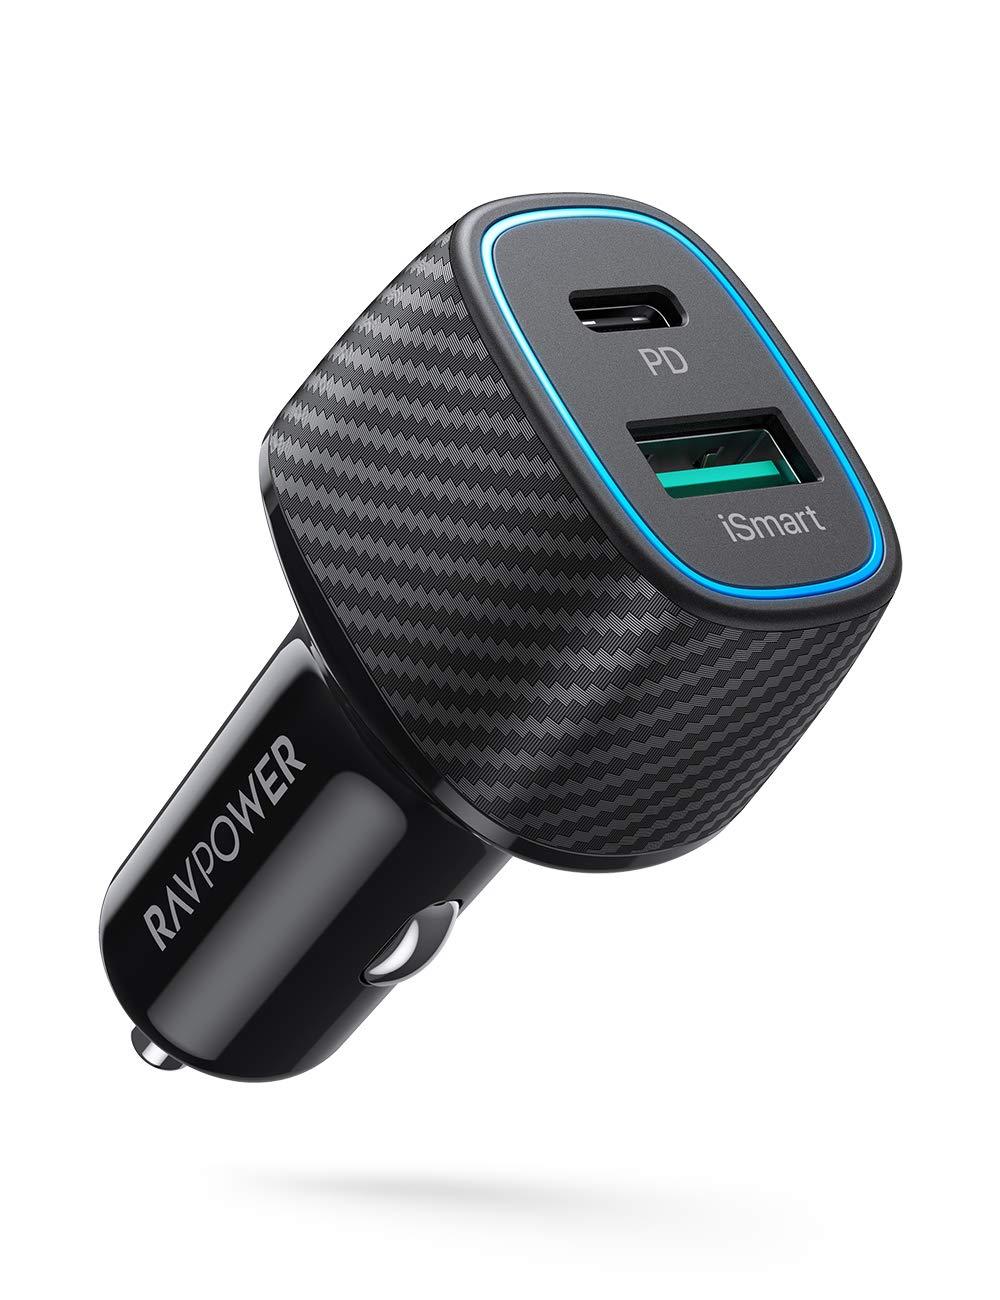 RAVPower 2-Port 30W USB-C PD & 18W USB-A QC 3.0 Car Charger $13